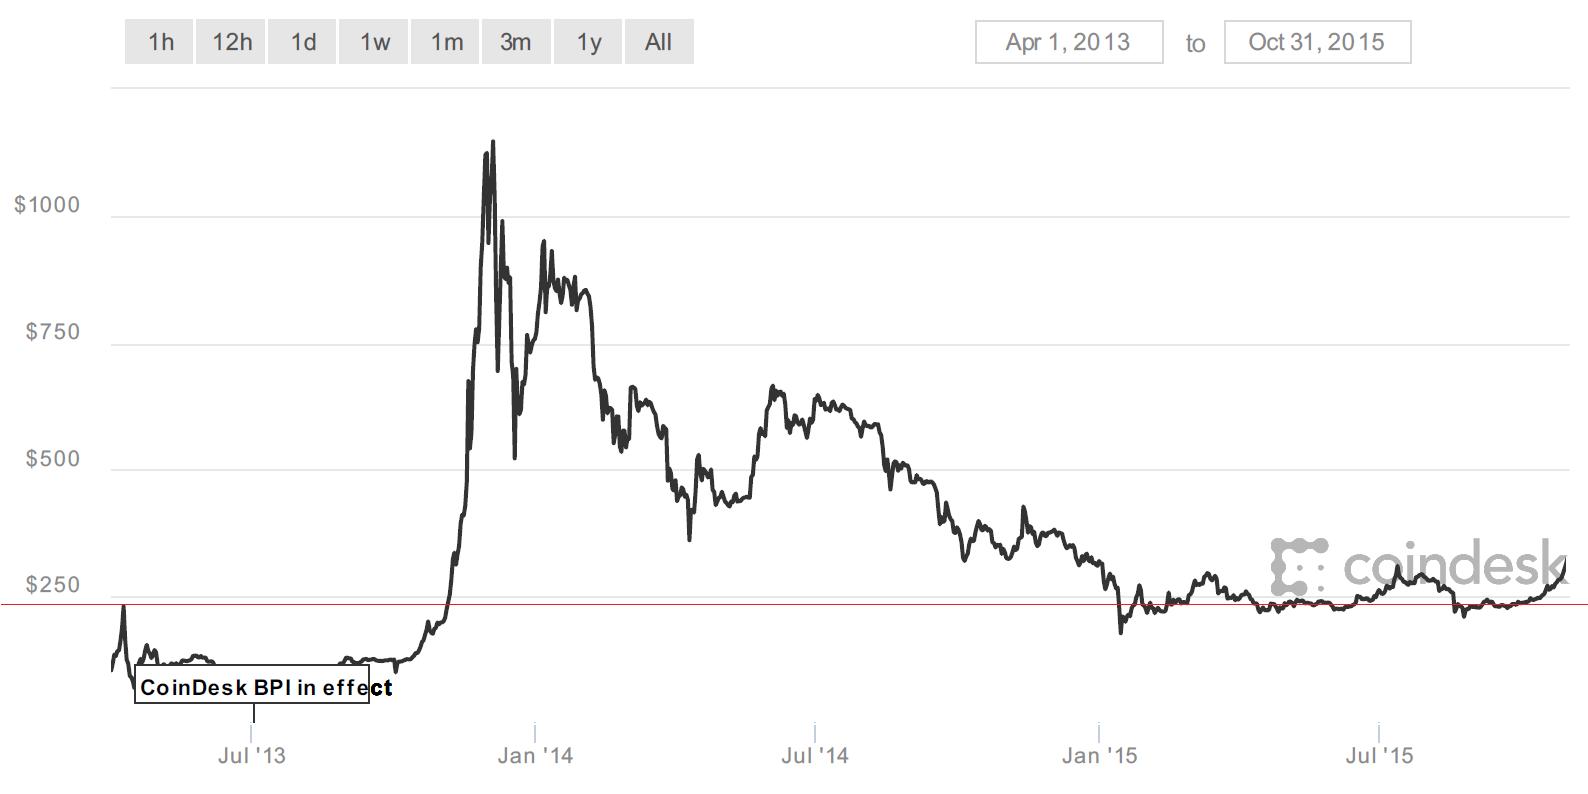 43bbed34092 Podle historických grafů může cena Bitcoinu klesnout až pod 1000 dolarů  (23000 korun)